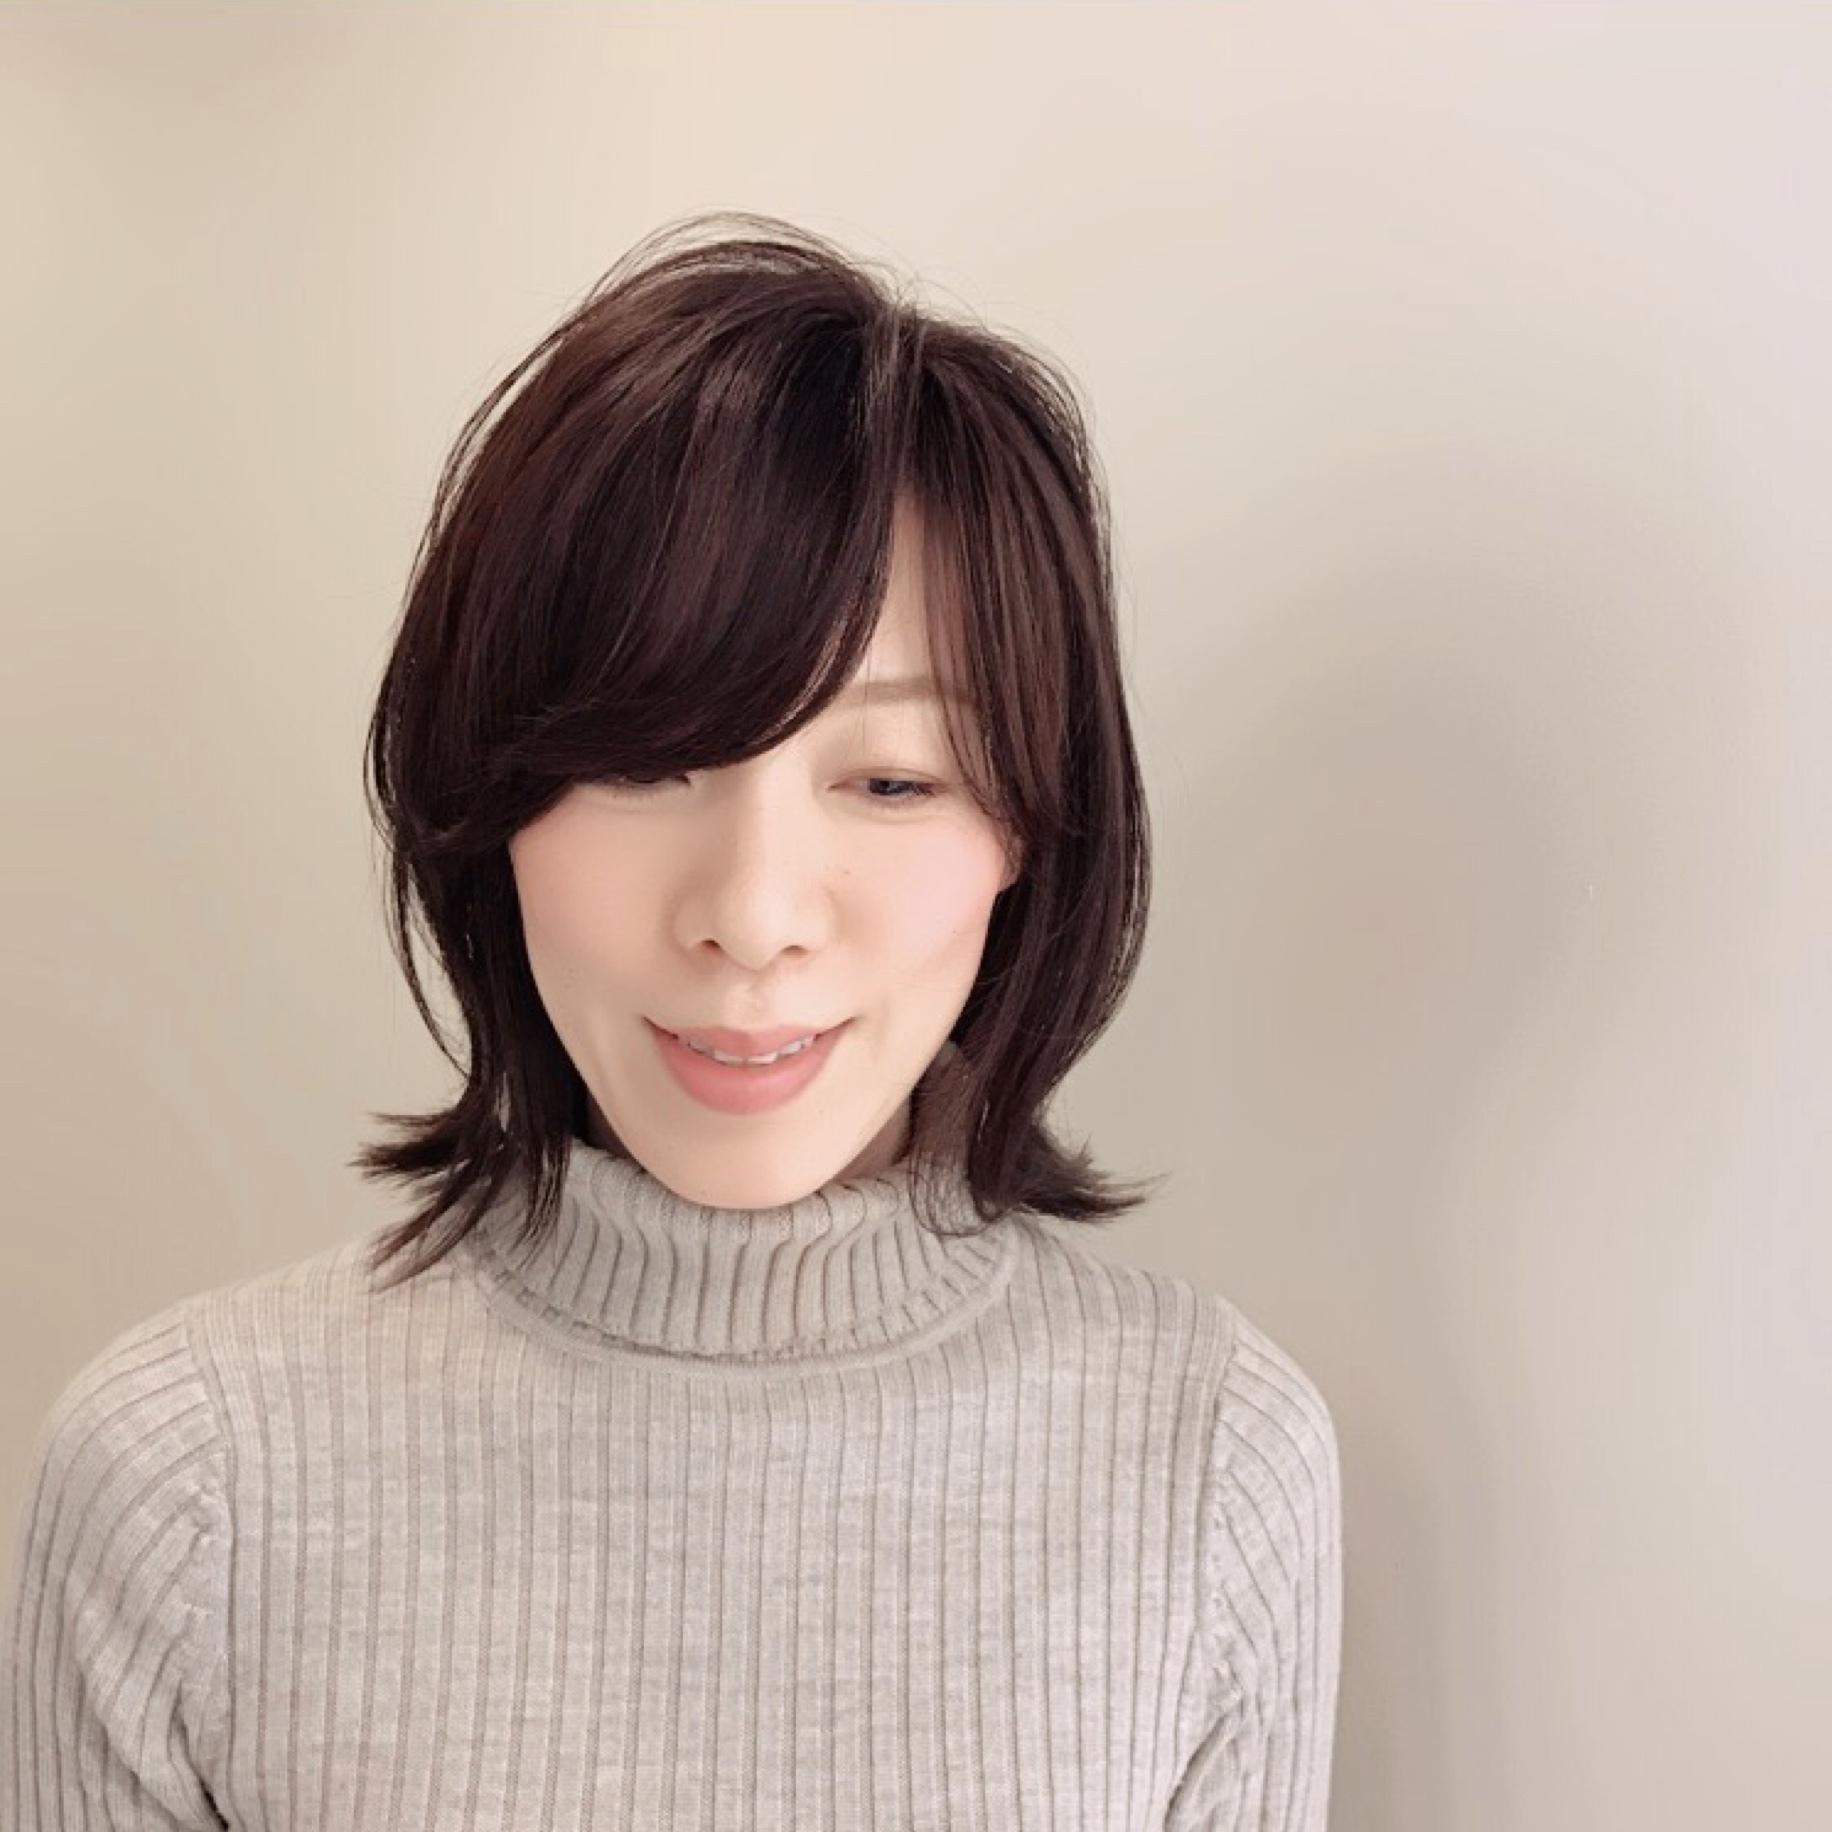 春服に合う髪型。イメージチェンジのキーワードは「厚めの外ハネ」!